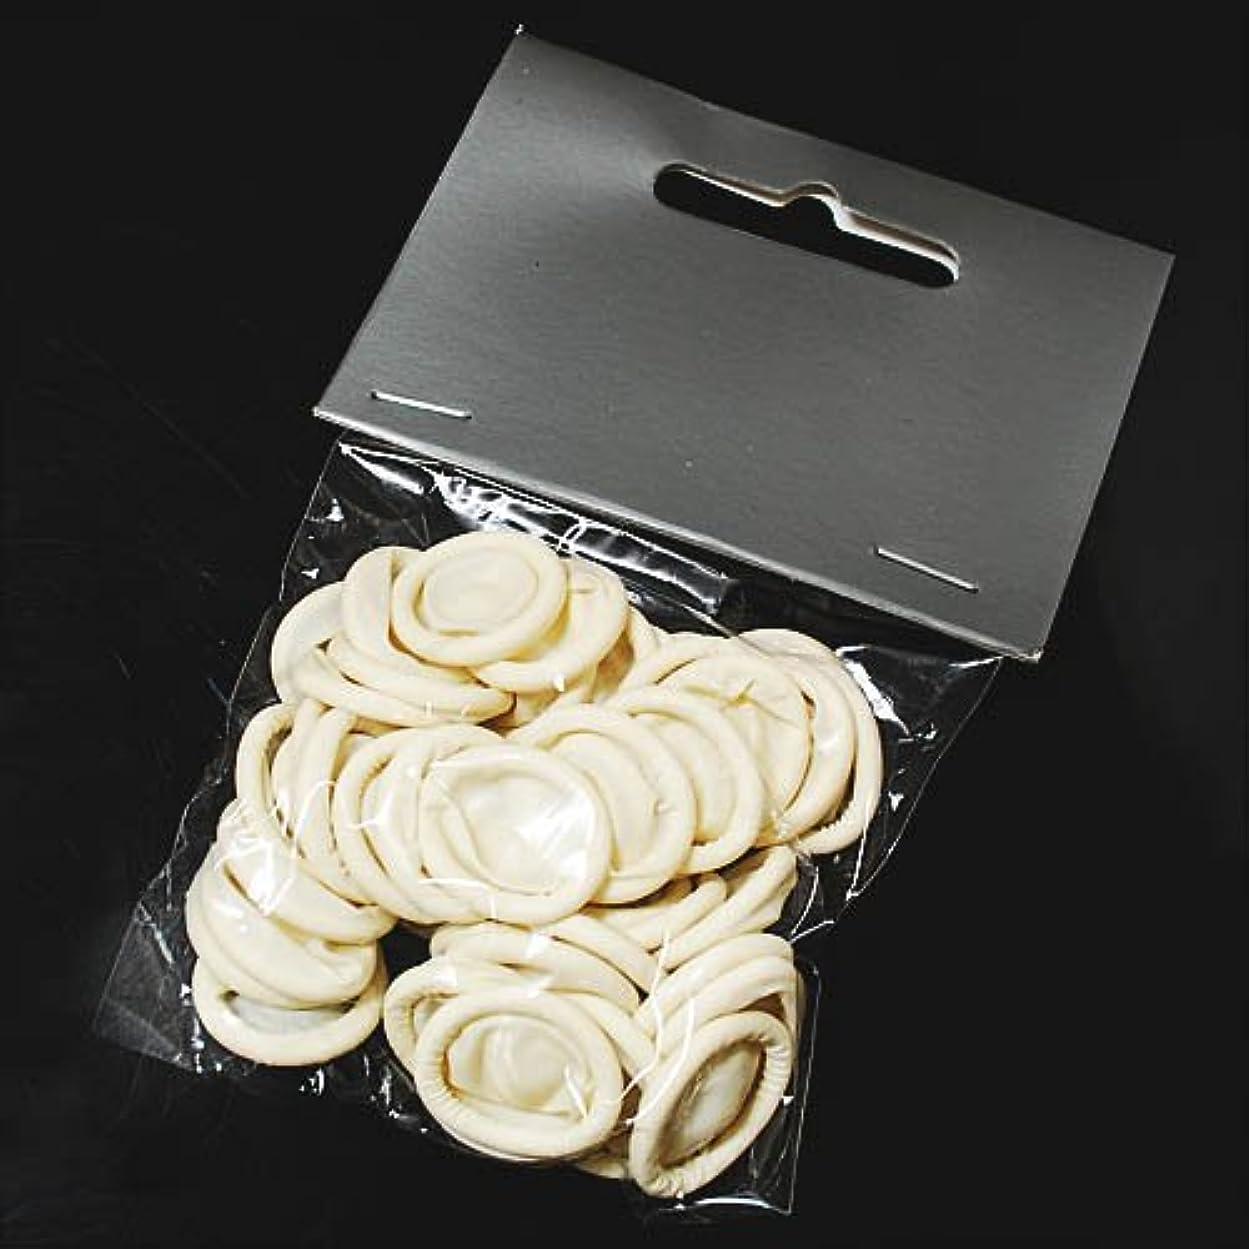 ランチスーパーマーケット分布ジェルネイル のオフに使える ジェルネイルオフカバー [50個] フィンガーキャップ